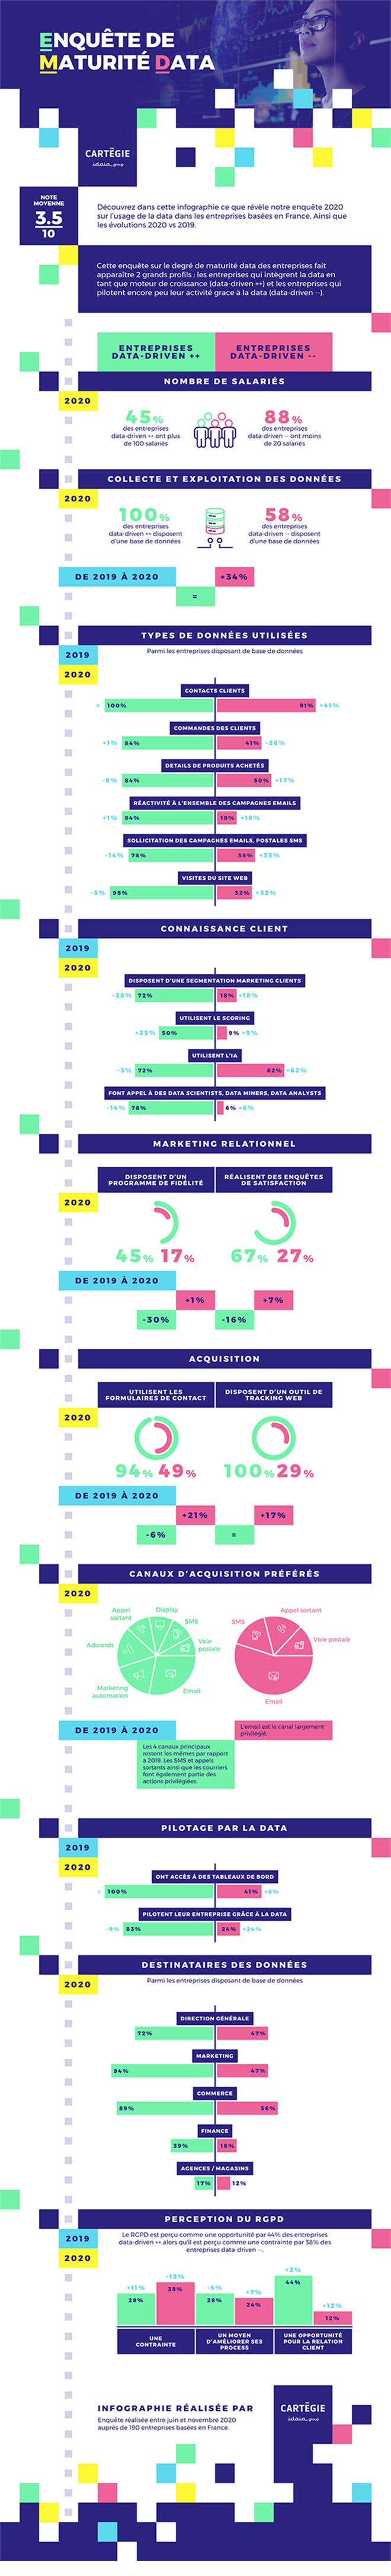 Maturité data : les entreprises françaises à double vitesse